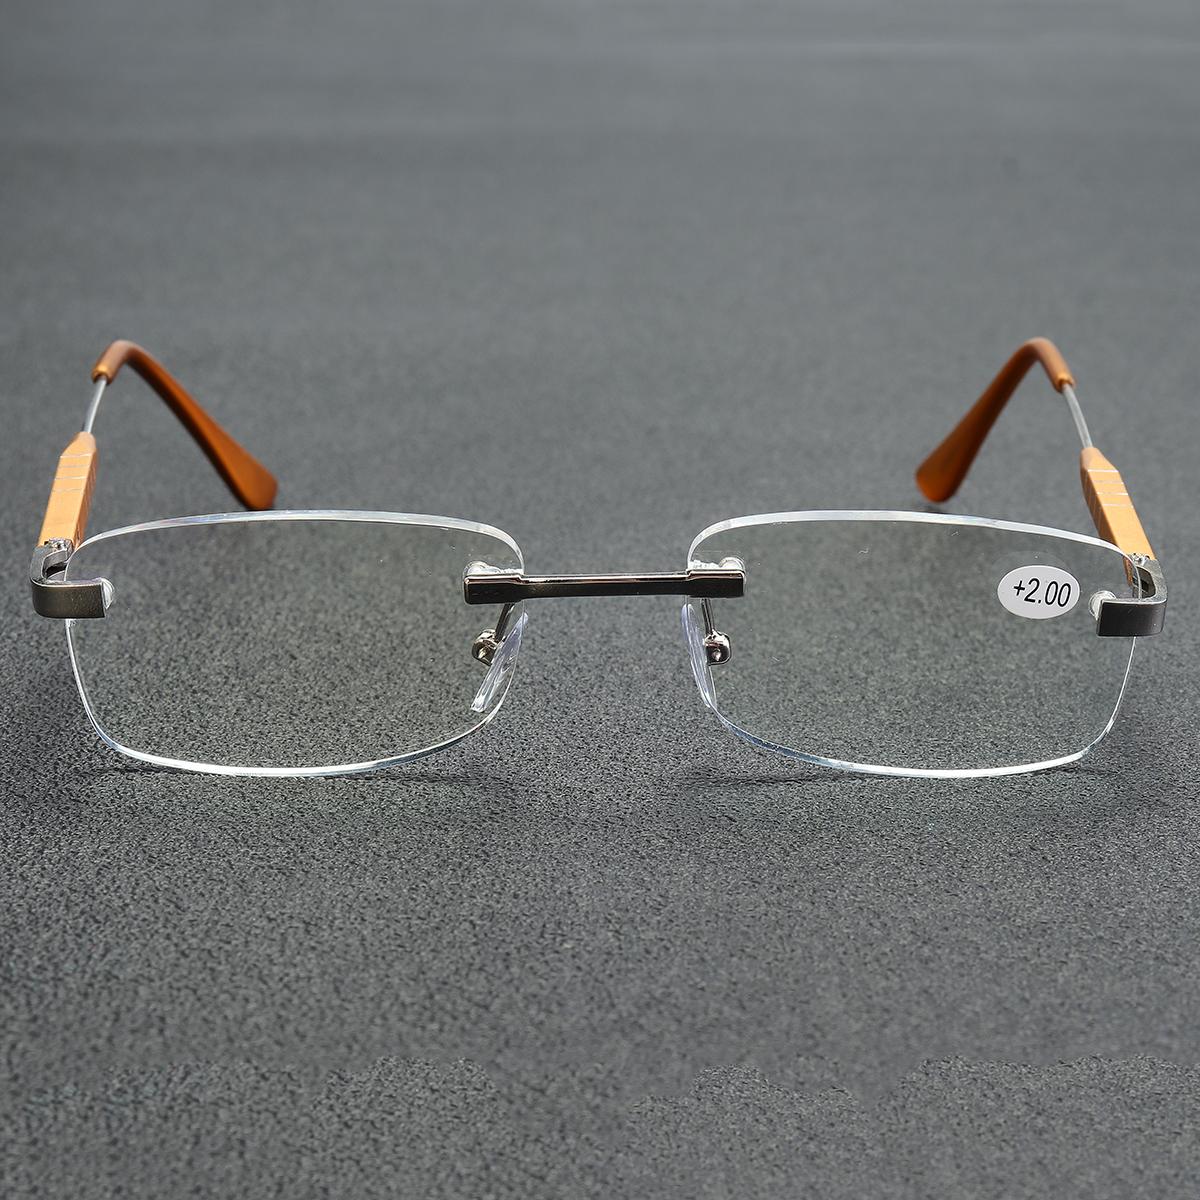 Aluminum-magnesium Alloy Reading Glasses Frameless HD Resin